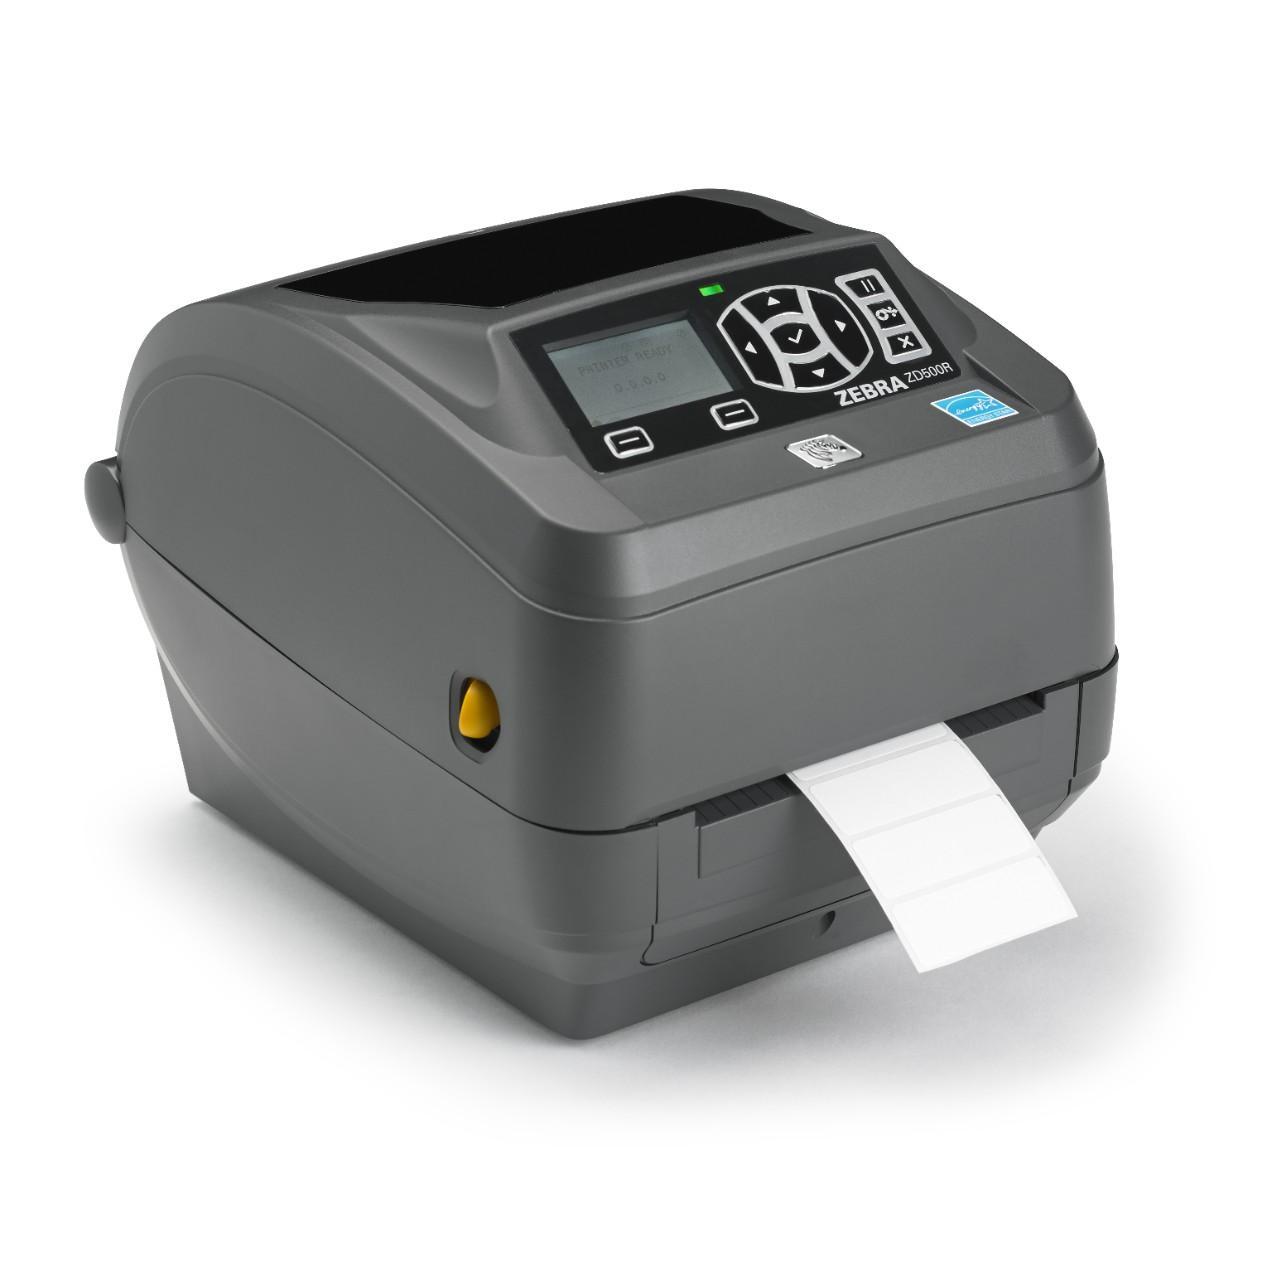 Barcodedrucker von Zebra ZD500R